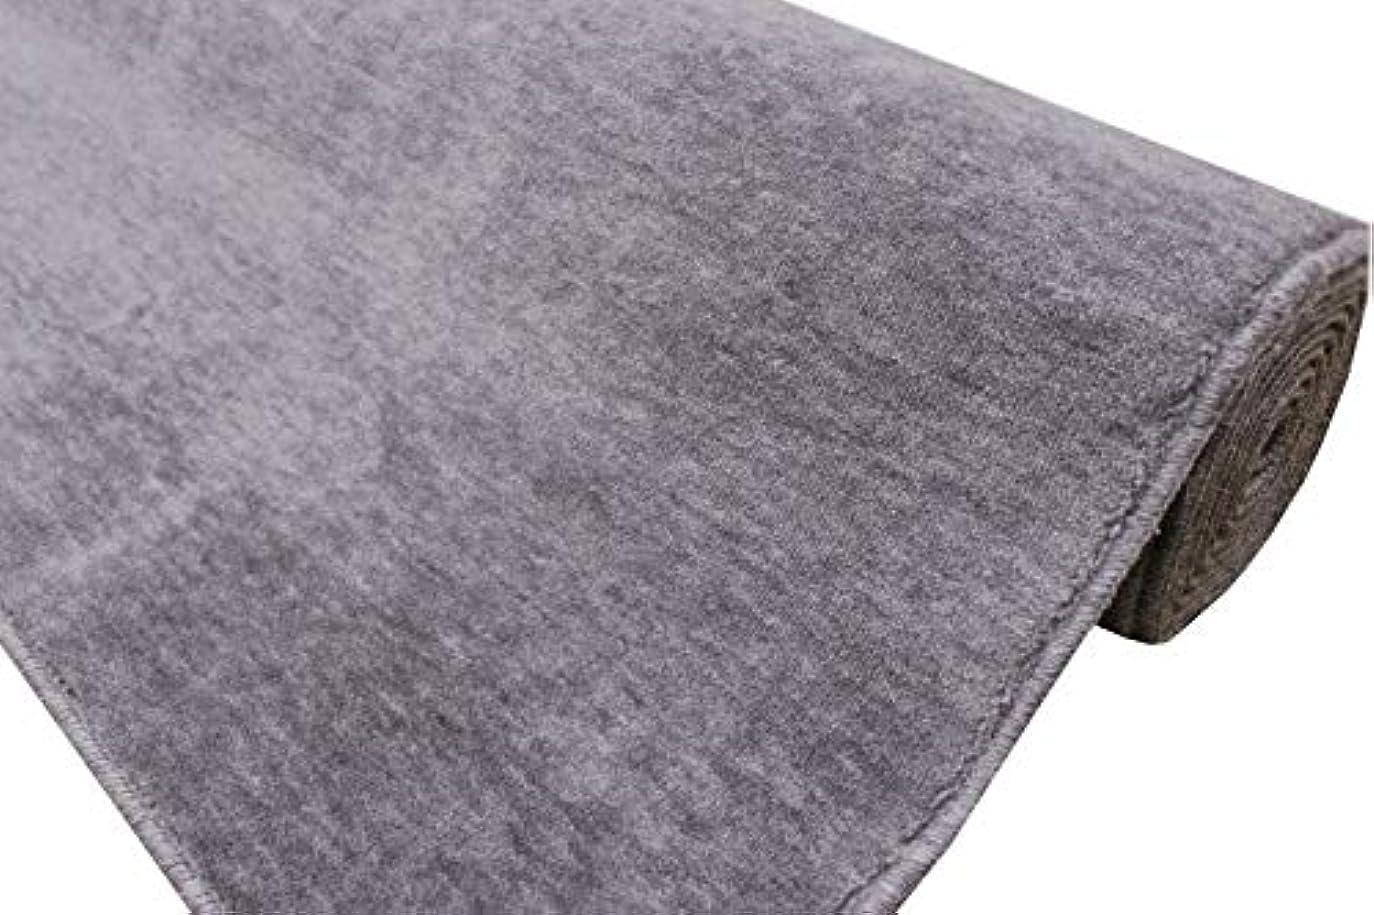 満足層安いです防炎カーペット 4.5畳 261x261cm じゅうたん 江戸間4.5帖 グロッソ/グレー